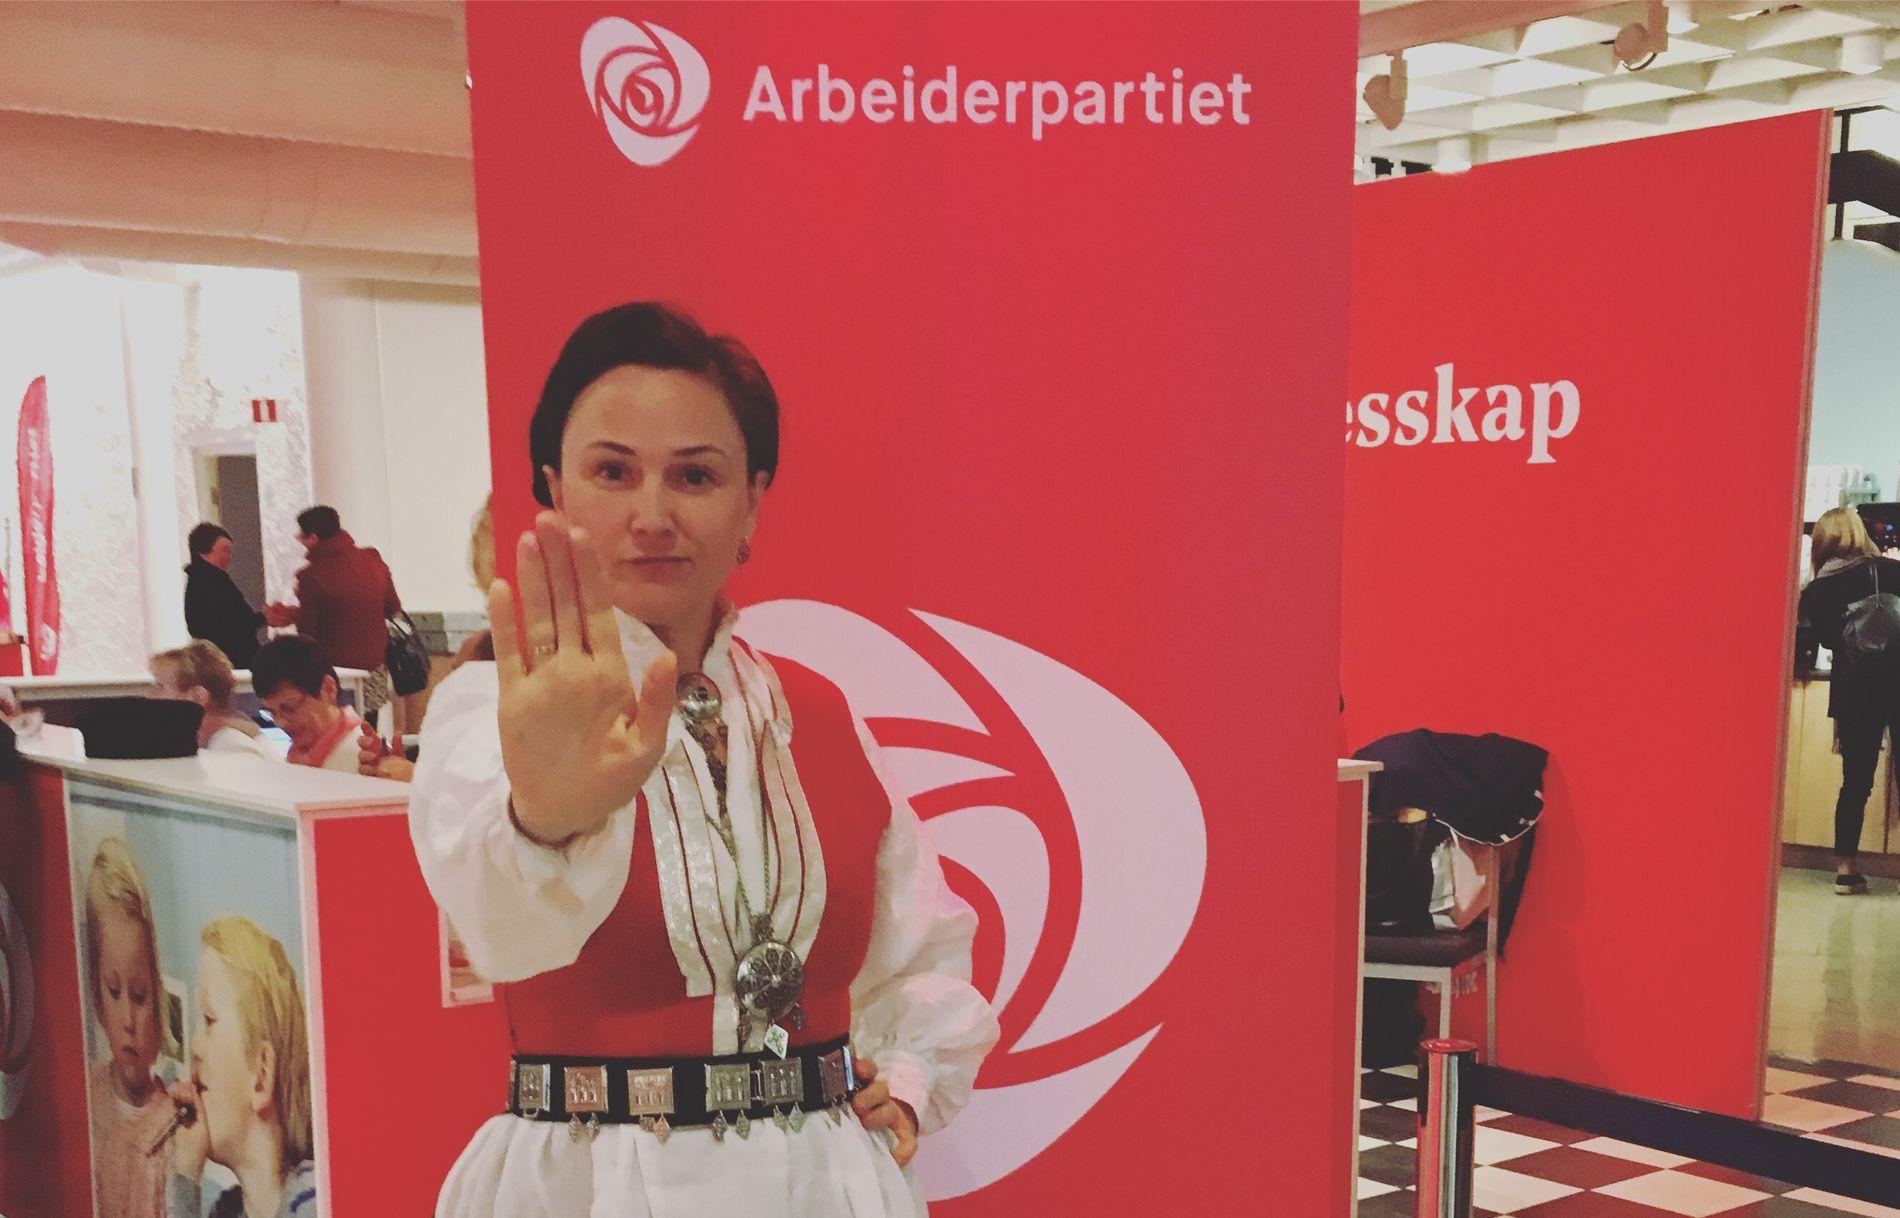 STOPP: Torsdag stilte Anja Cecilie Solvik opp i bunad på Arbeiderpartiets landsmøte i håp om å samle støtte til kampen for å stoppe nedleggingen av fødeavdelingen på sykehuset i Kristiansund.